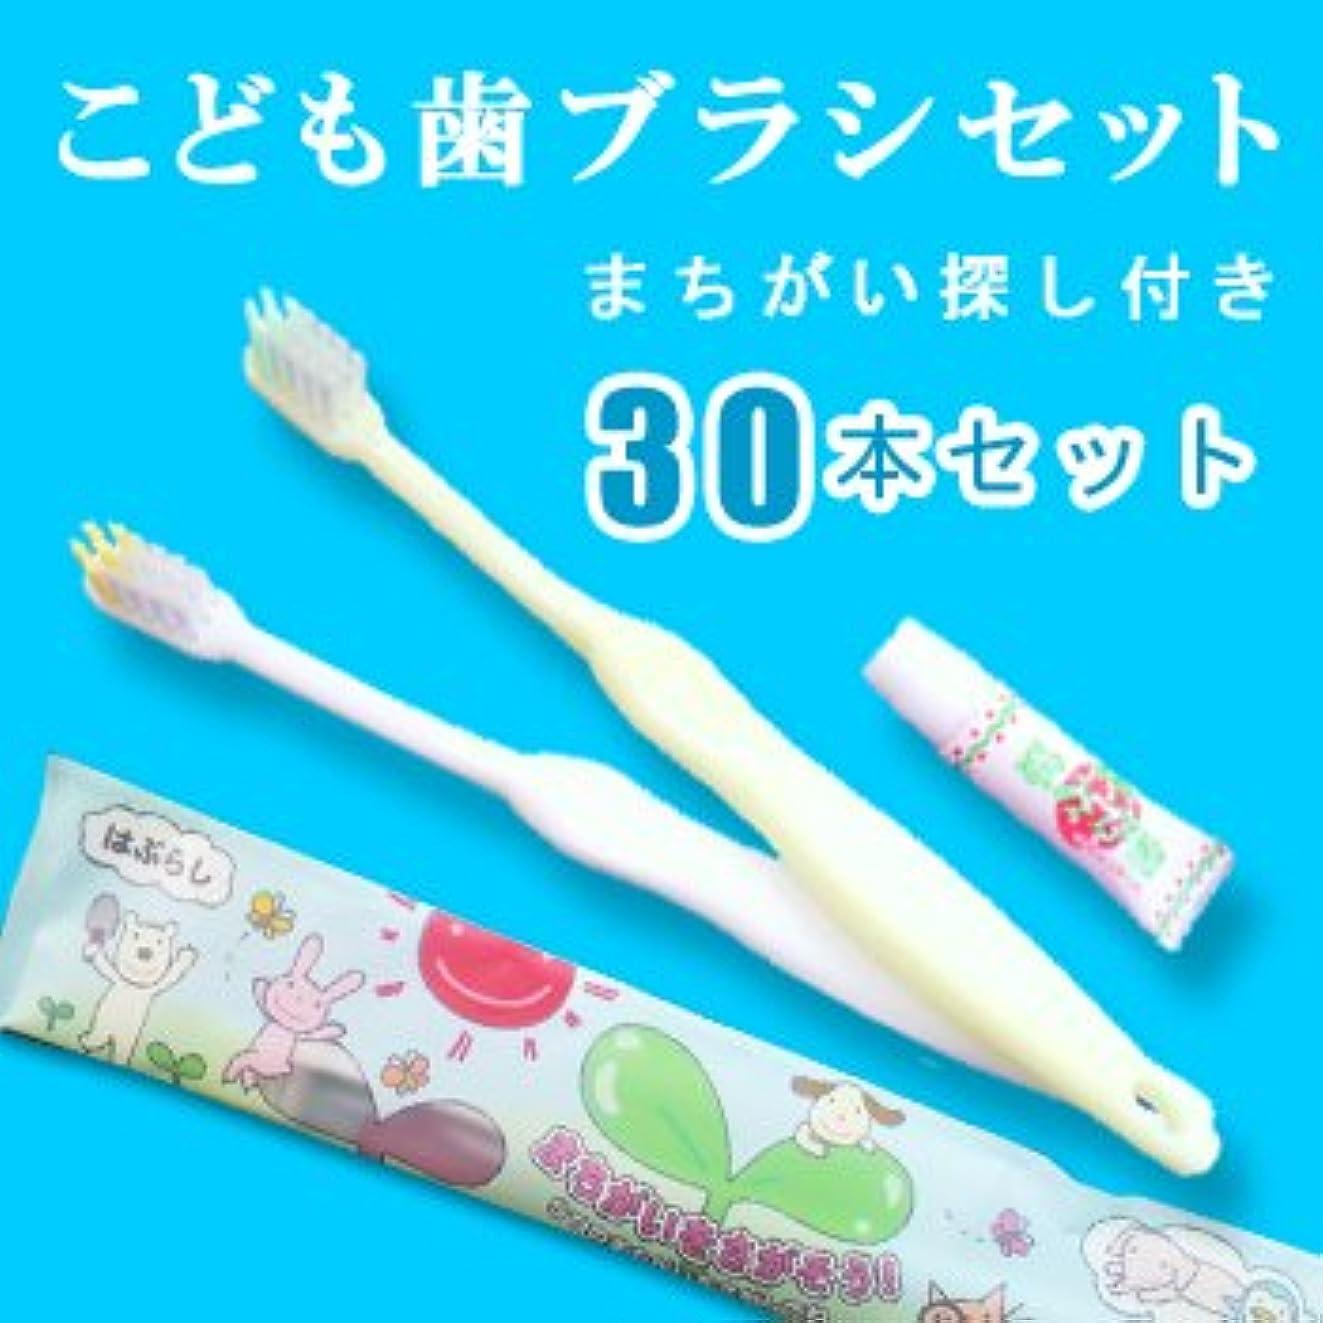 登場ジャングル委員会こども歯ブラシ いちご味の歯磨き粉3gチューブ付 ホワイト?イエロー各15本アソート(1セット30本)